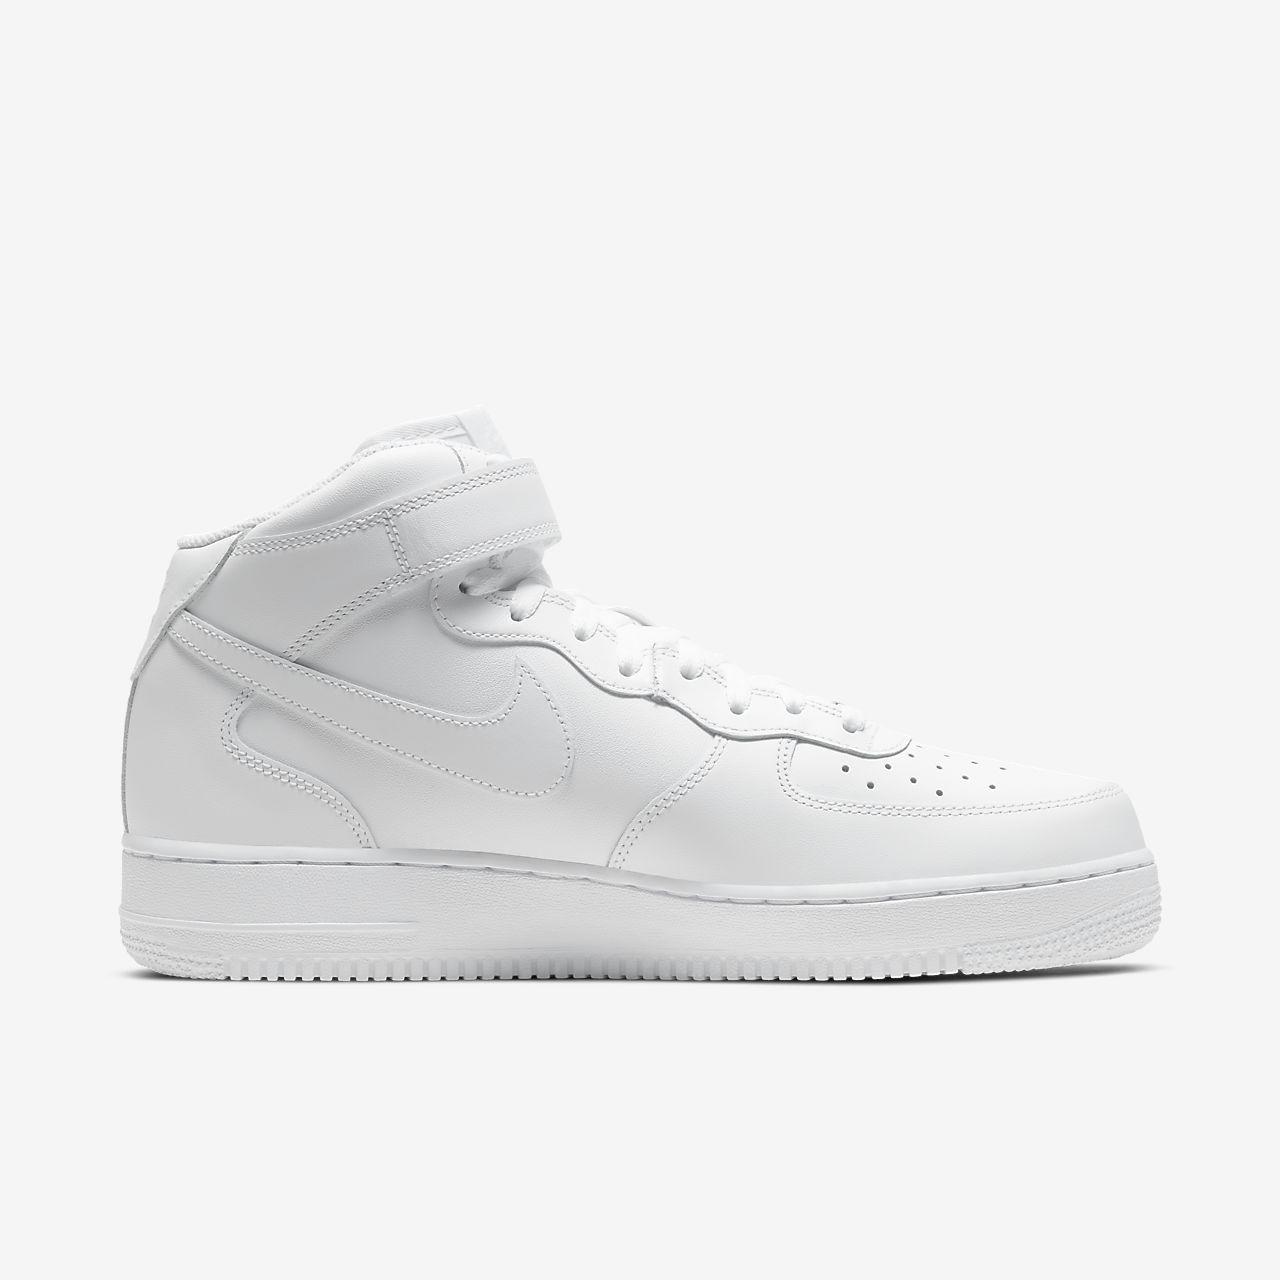 Nike Air Force 1 '07, Chaussures de Basketball homme, Blanc (White/White 111), 47.5 EU